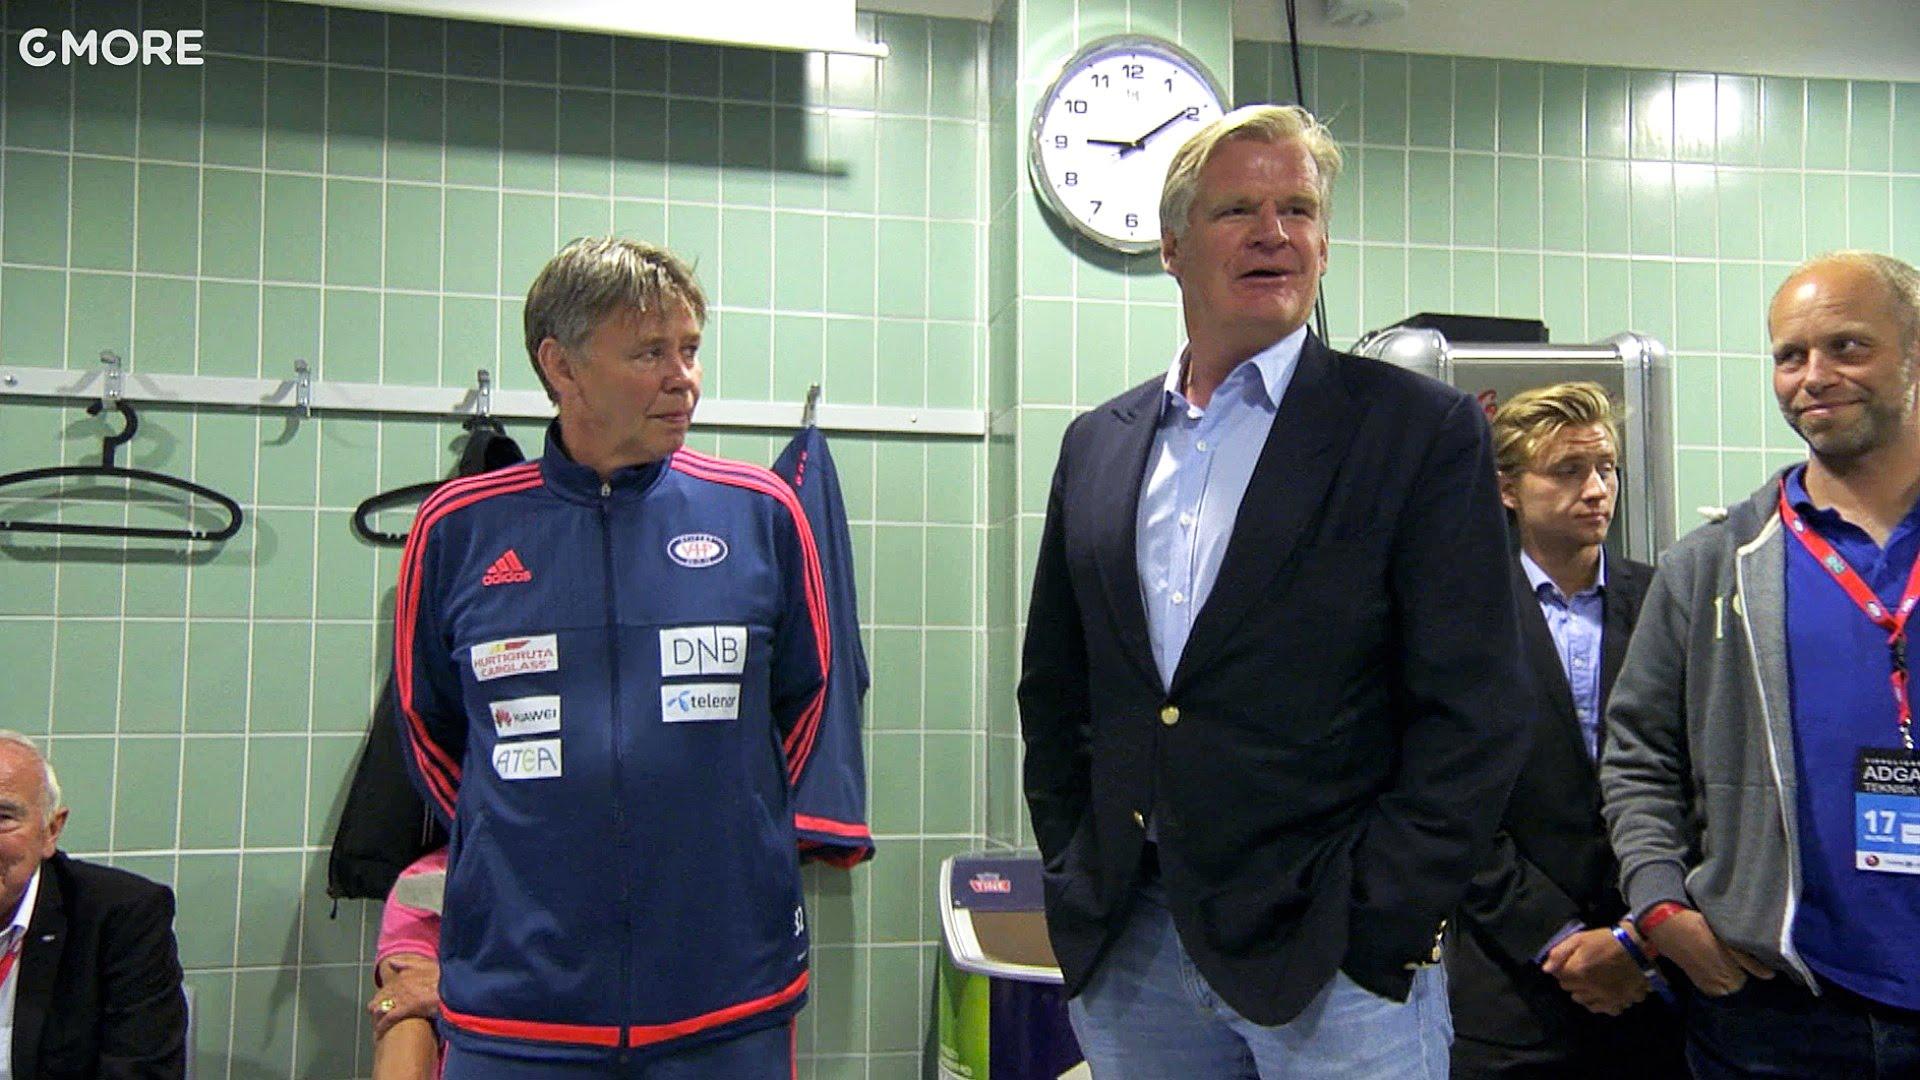 Tor Olav Trøim i garderoben på Ullevaal. Foto: Skjermdump fra Cmores Youtube-kanal